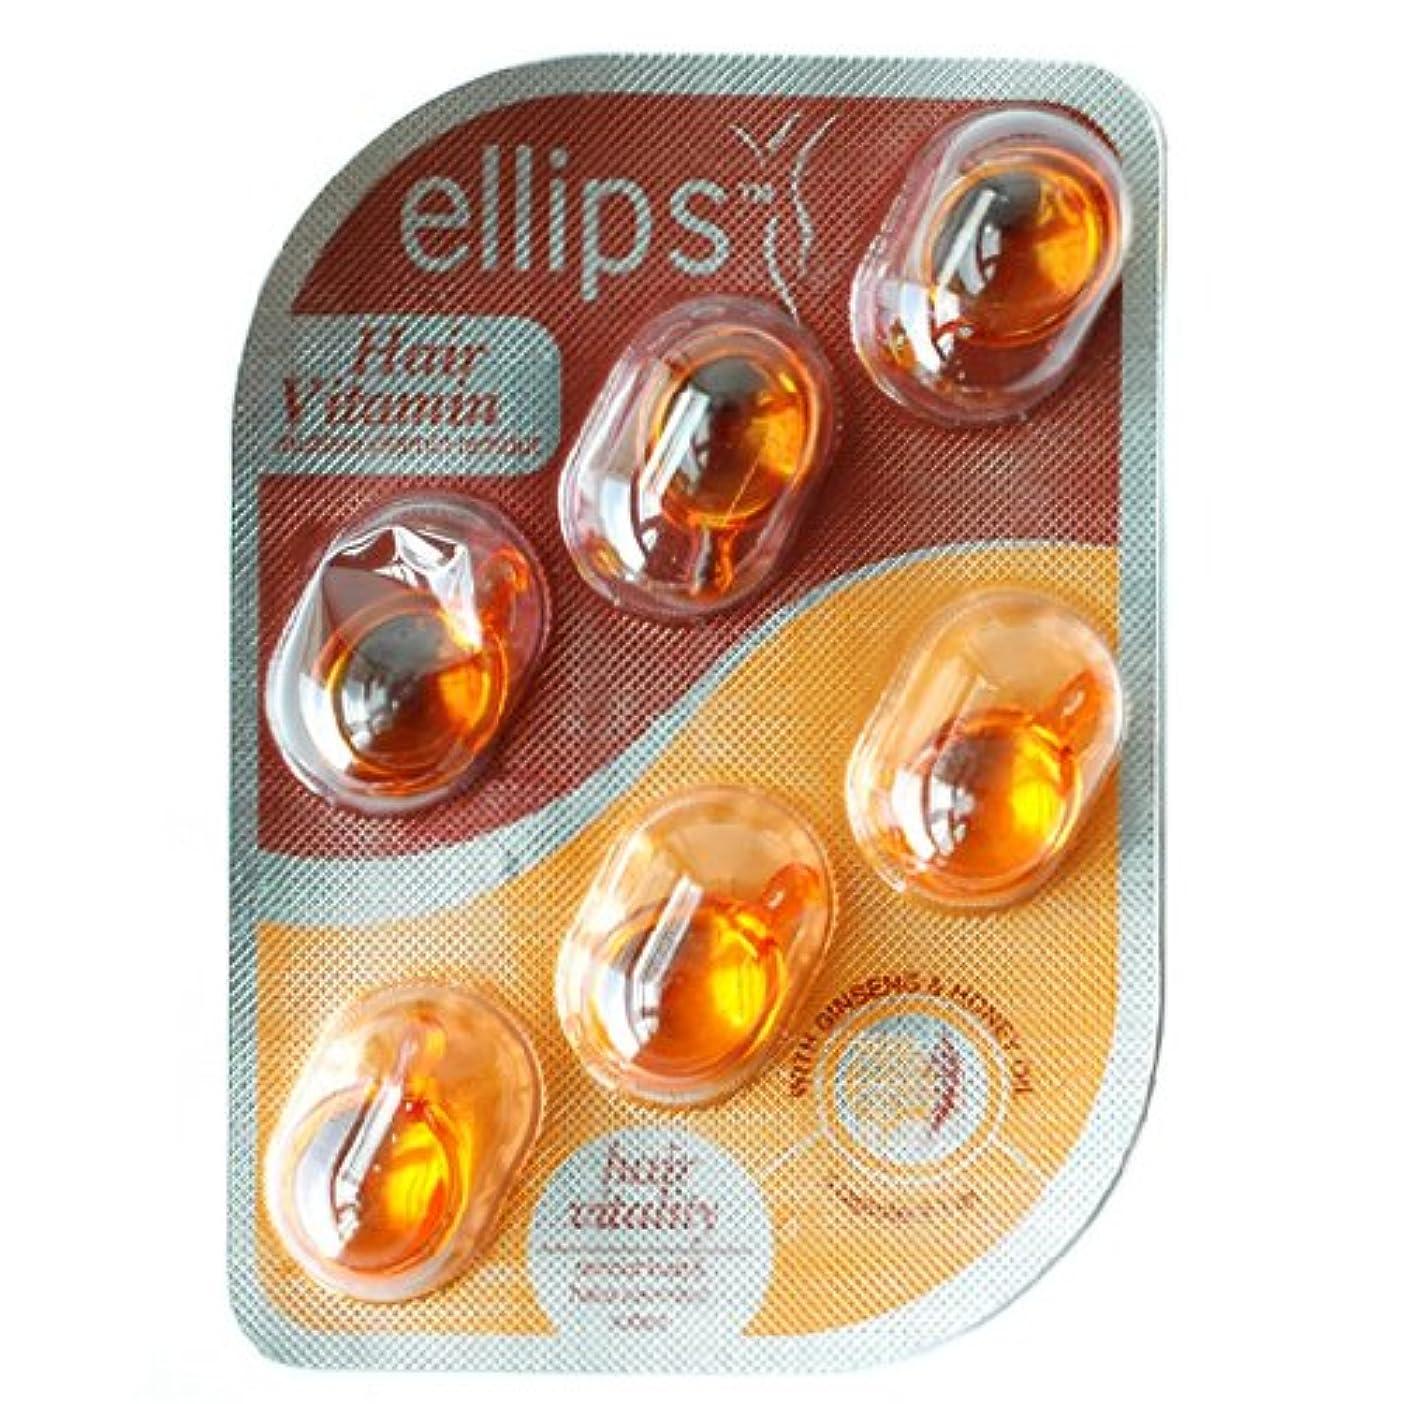 圧力限界説教するEllips(エリプス)ヘアビタミン(6粒入) [並行輸入品][海外直送品] ブラウン